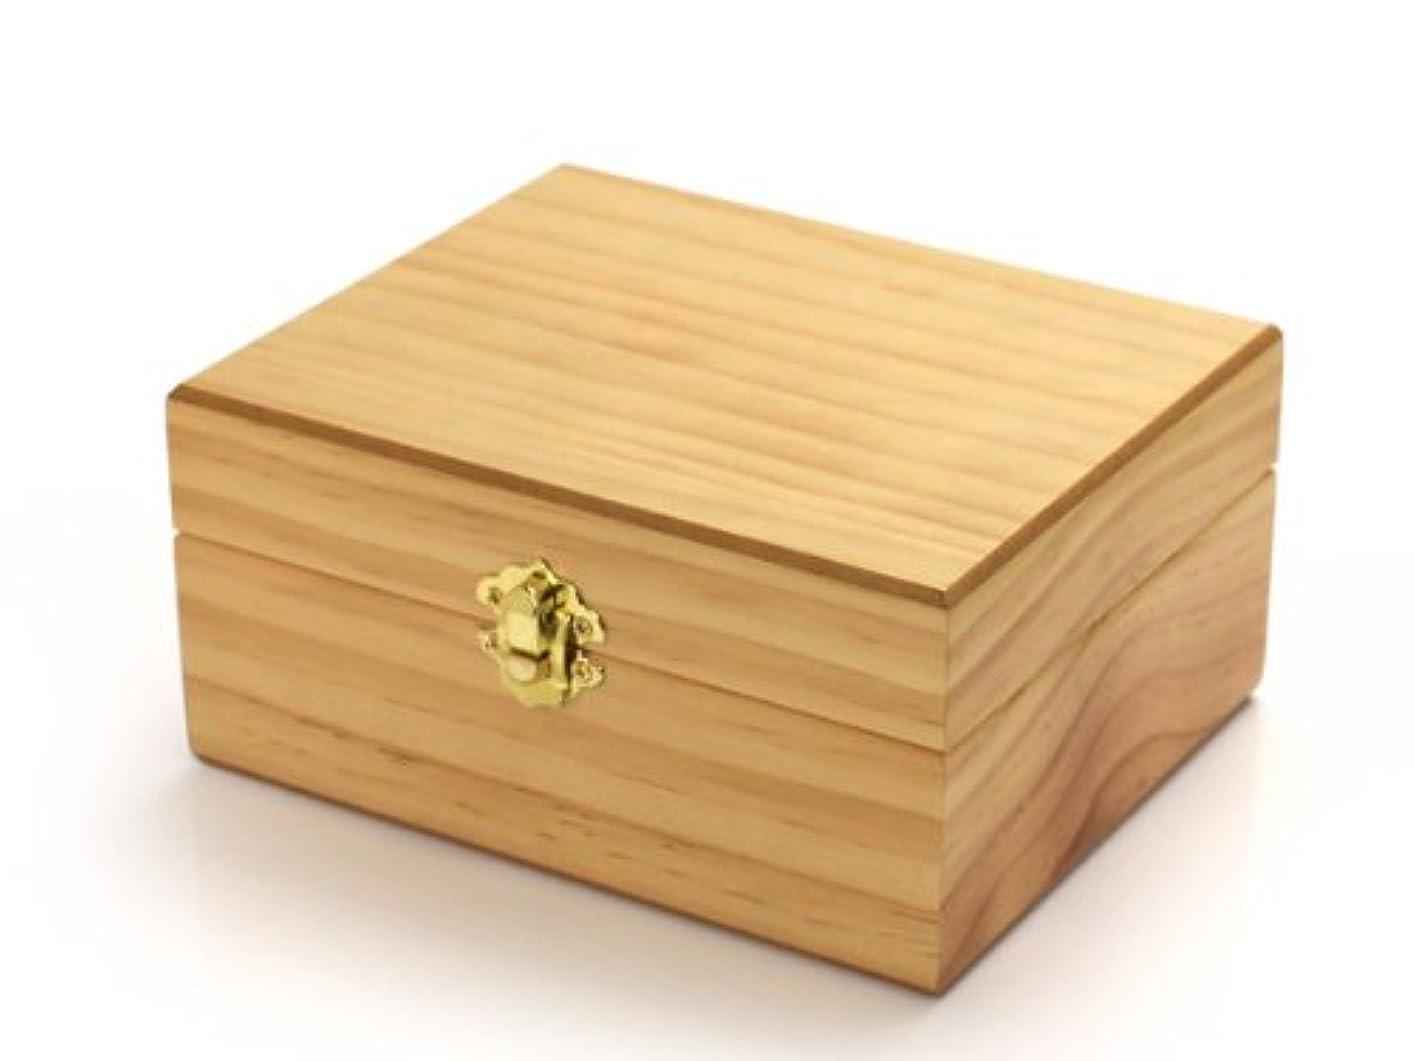 八百屋さん最もピンエッセンシャルオイル収納ボックス 20本用